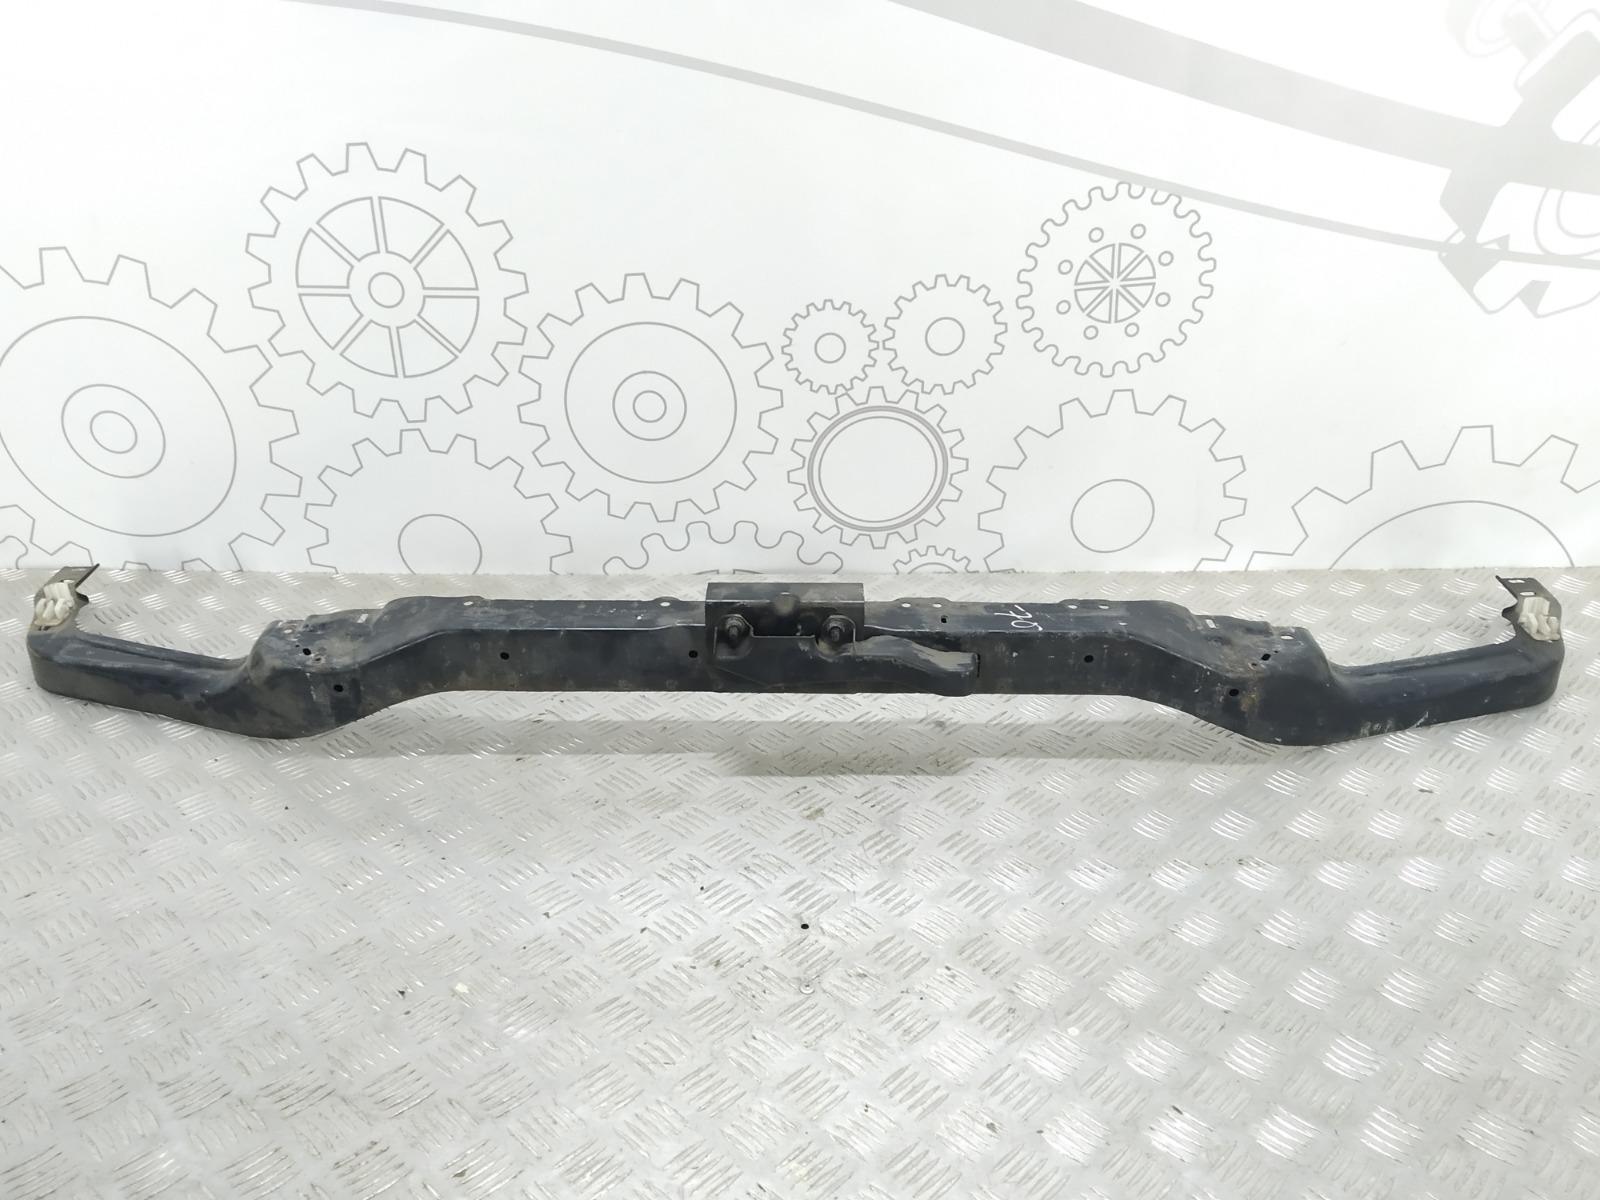 Планка под капот Citroen C4 Grand Picasso 2.0 HDI 2007 (б/у)